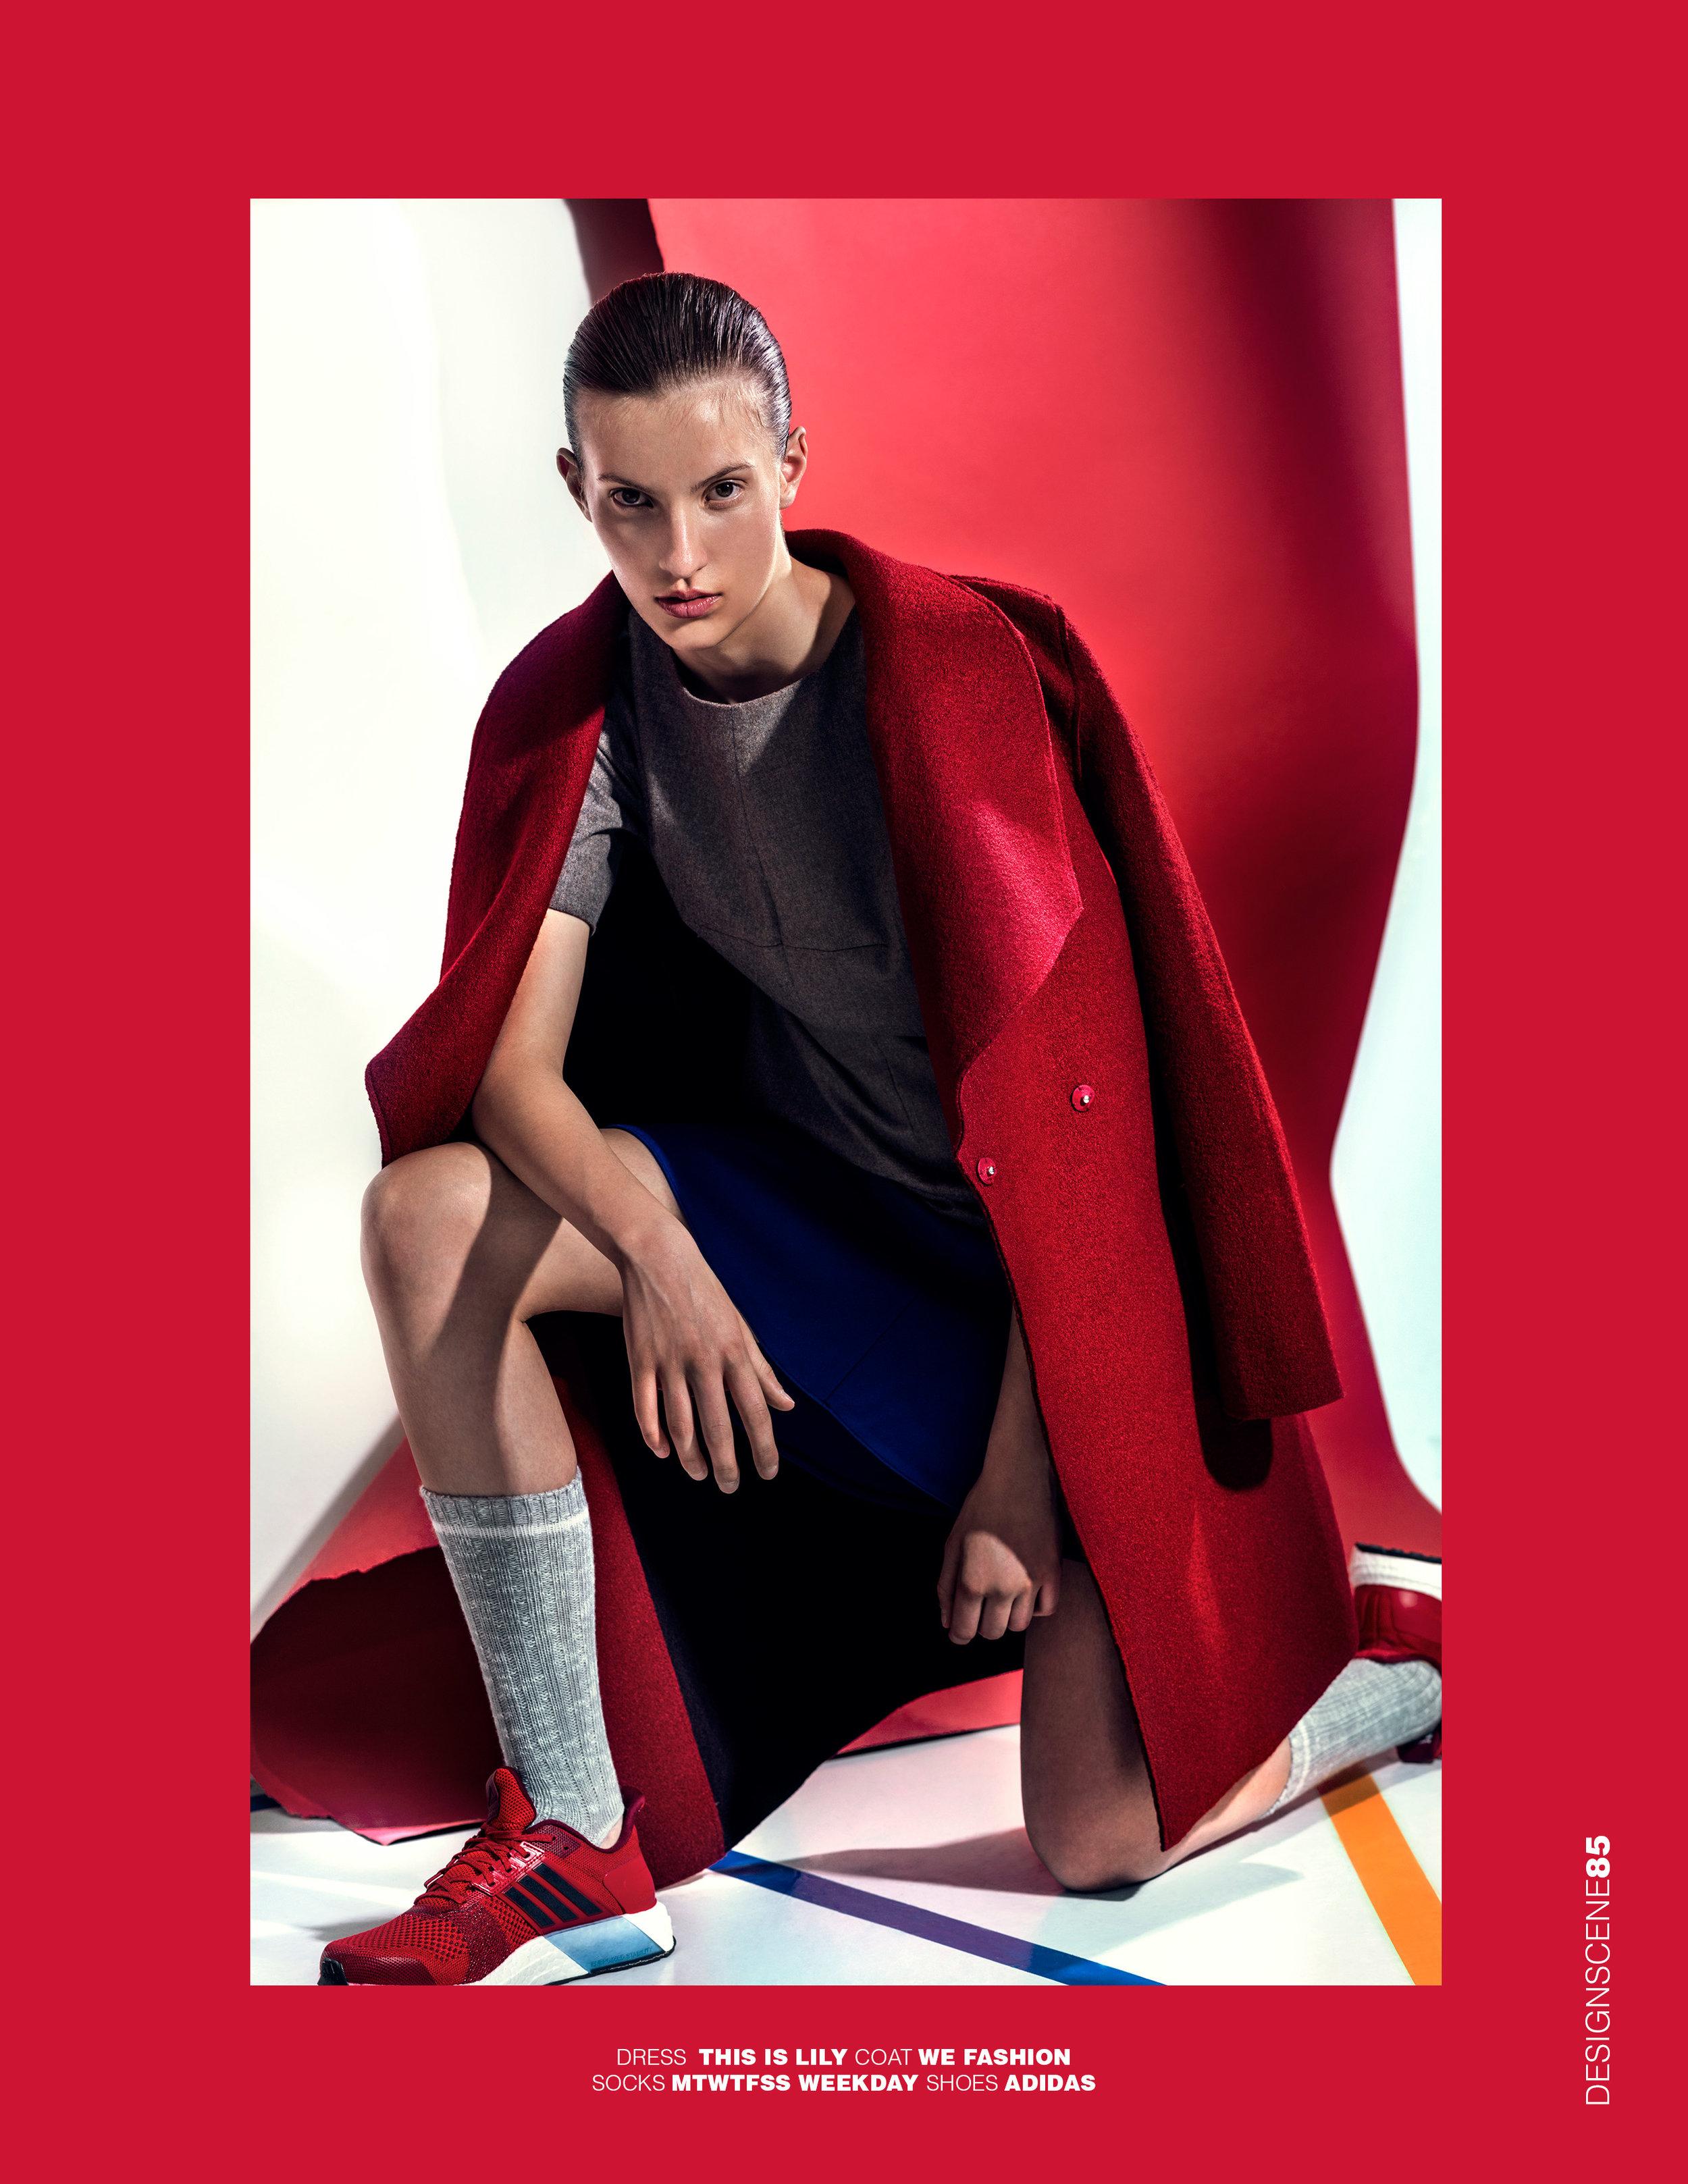 DESIGN SCENE | PHOTOGRAPHY Alek Bruessing | MUAH Mascha Meyer @ House of Orange | MODEL Silke @ Mischa Models